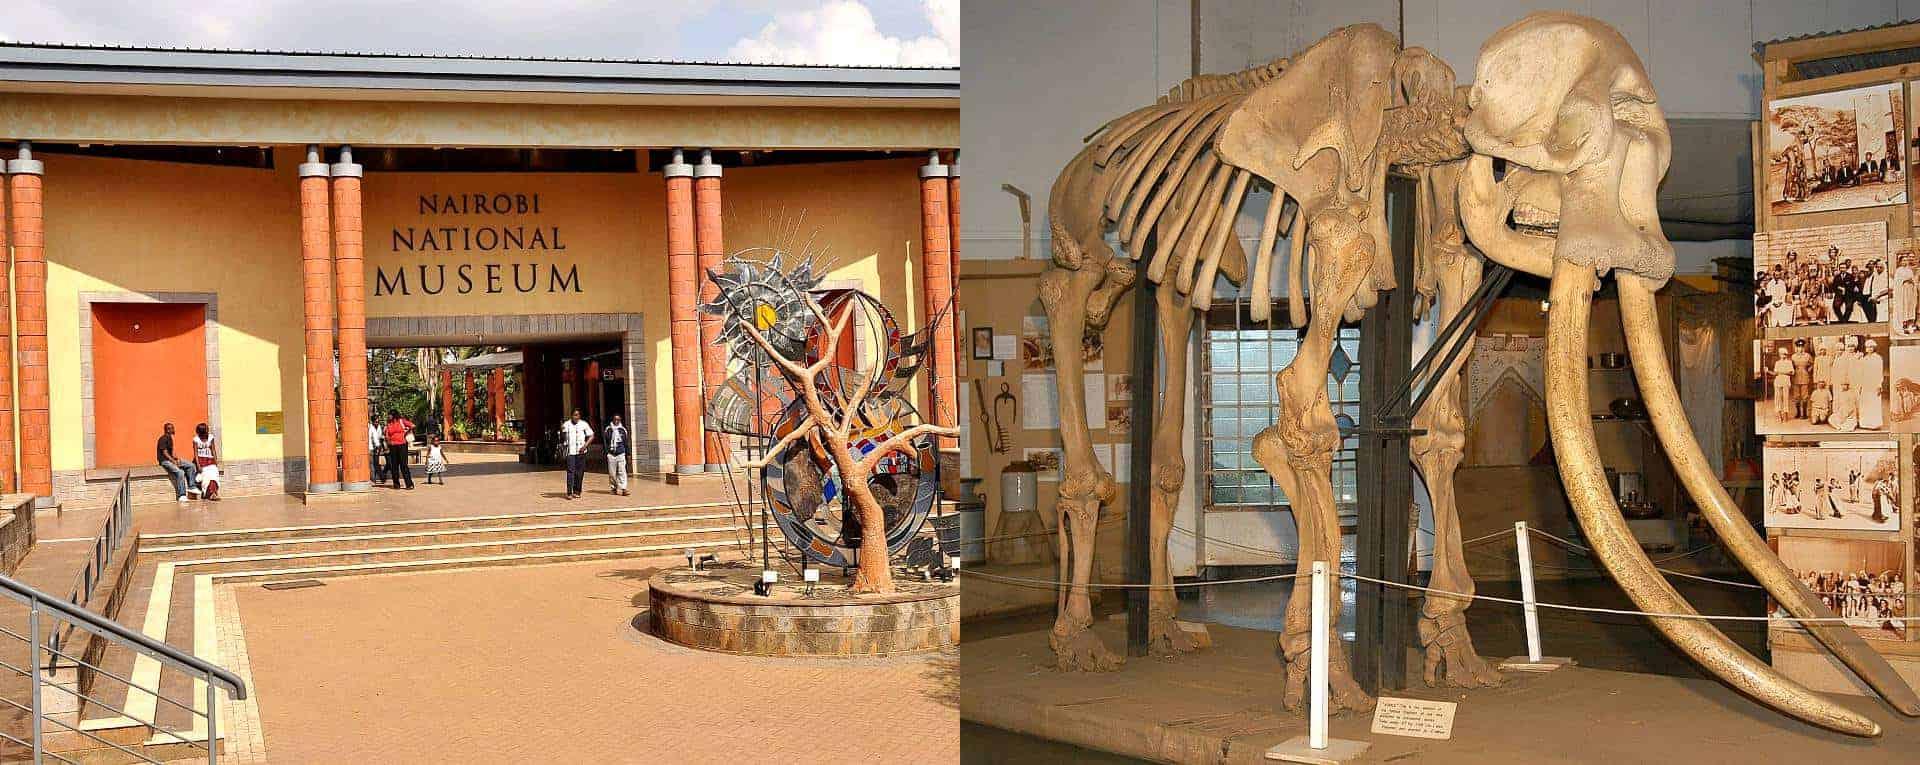 The Nairobi National Museum